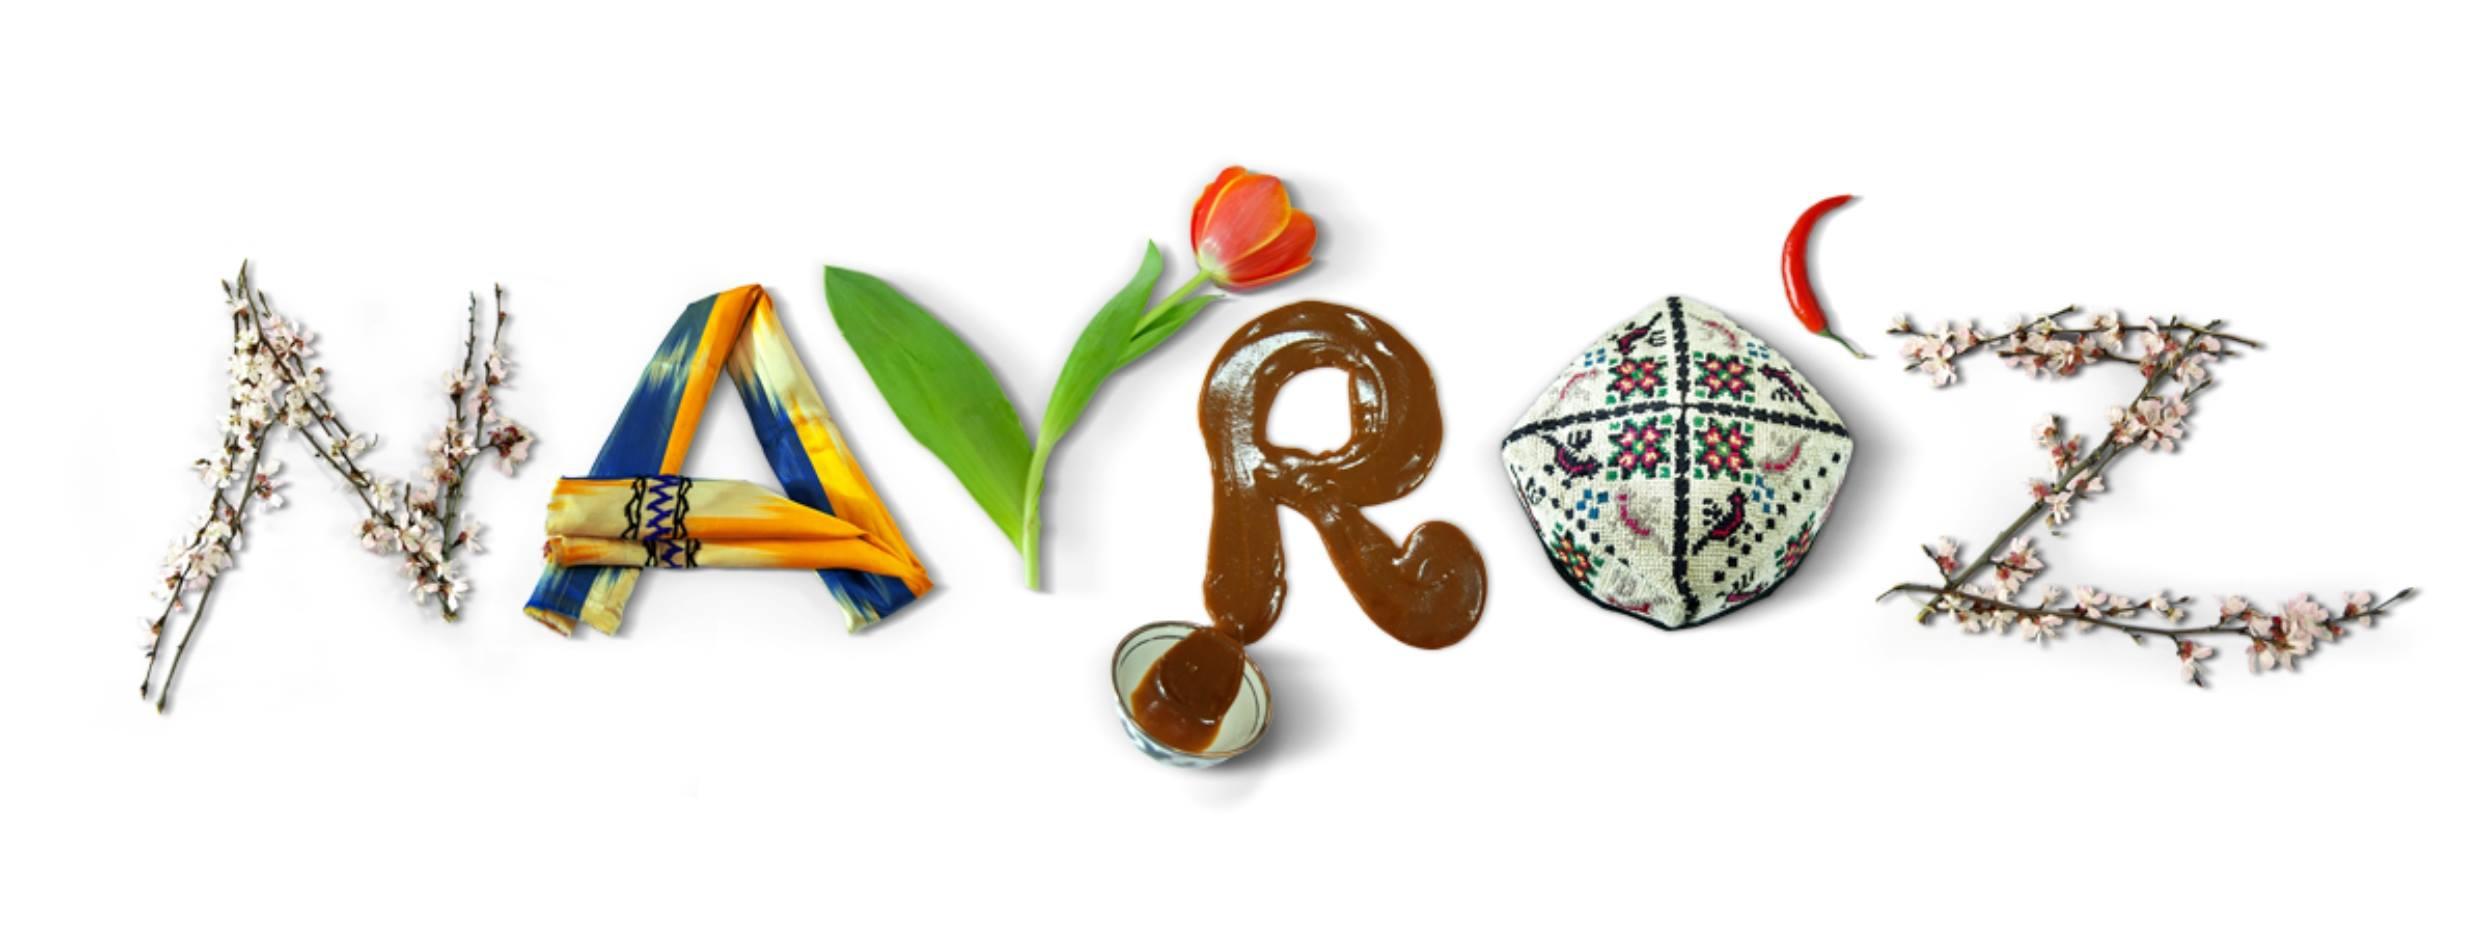 Социальный постер к празднику Навруз